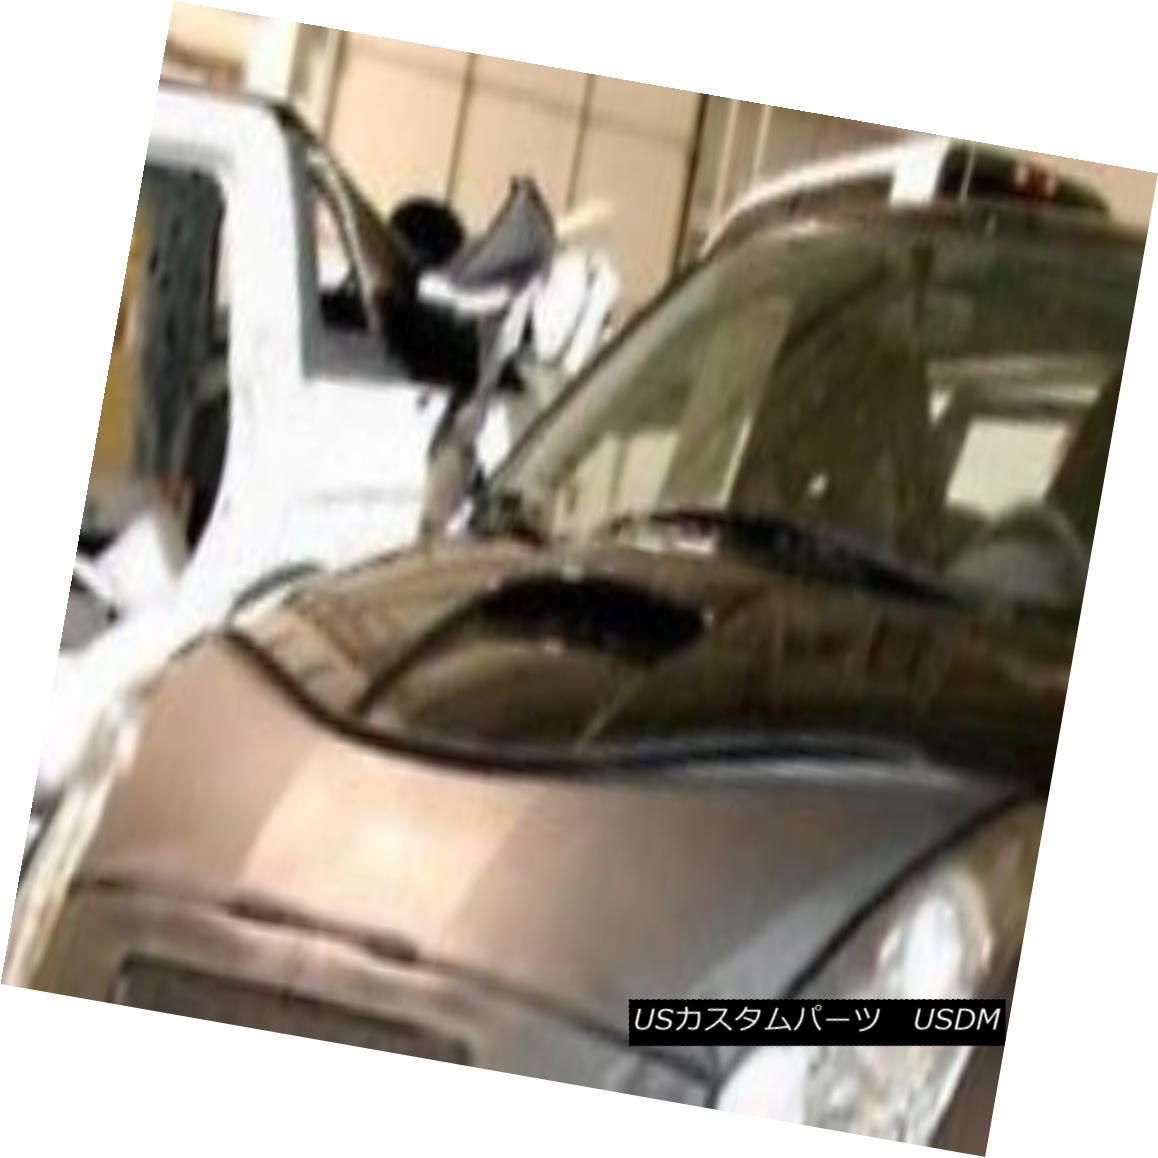 フルブラ ノーズブラ Lebra Hood Protector Mini Mask Bra Fits Toyota Celica 2000-2005 All models 00-05 Lebraフードプロテクターミニマスクブラは、Toyota Celica 2000-2005に適合全てのモデル00-05